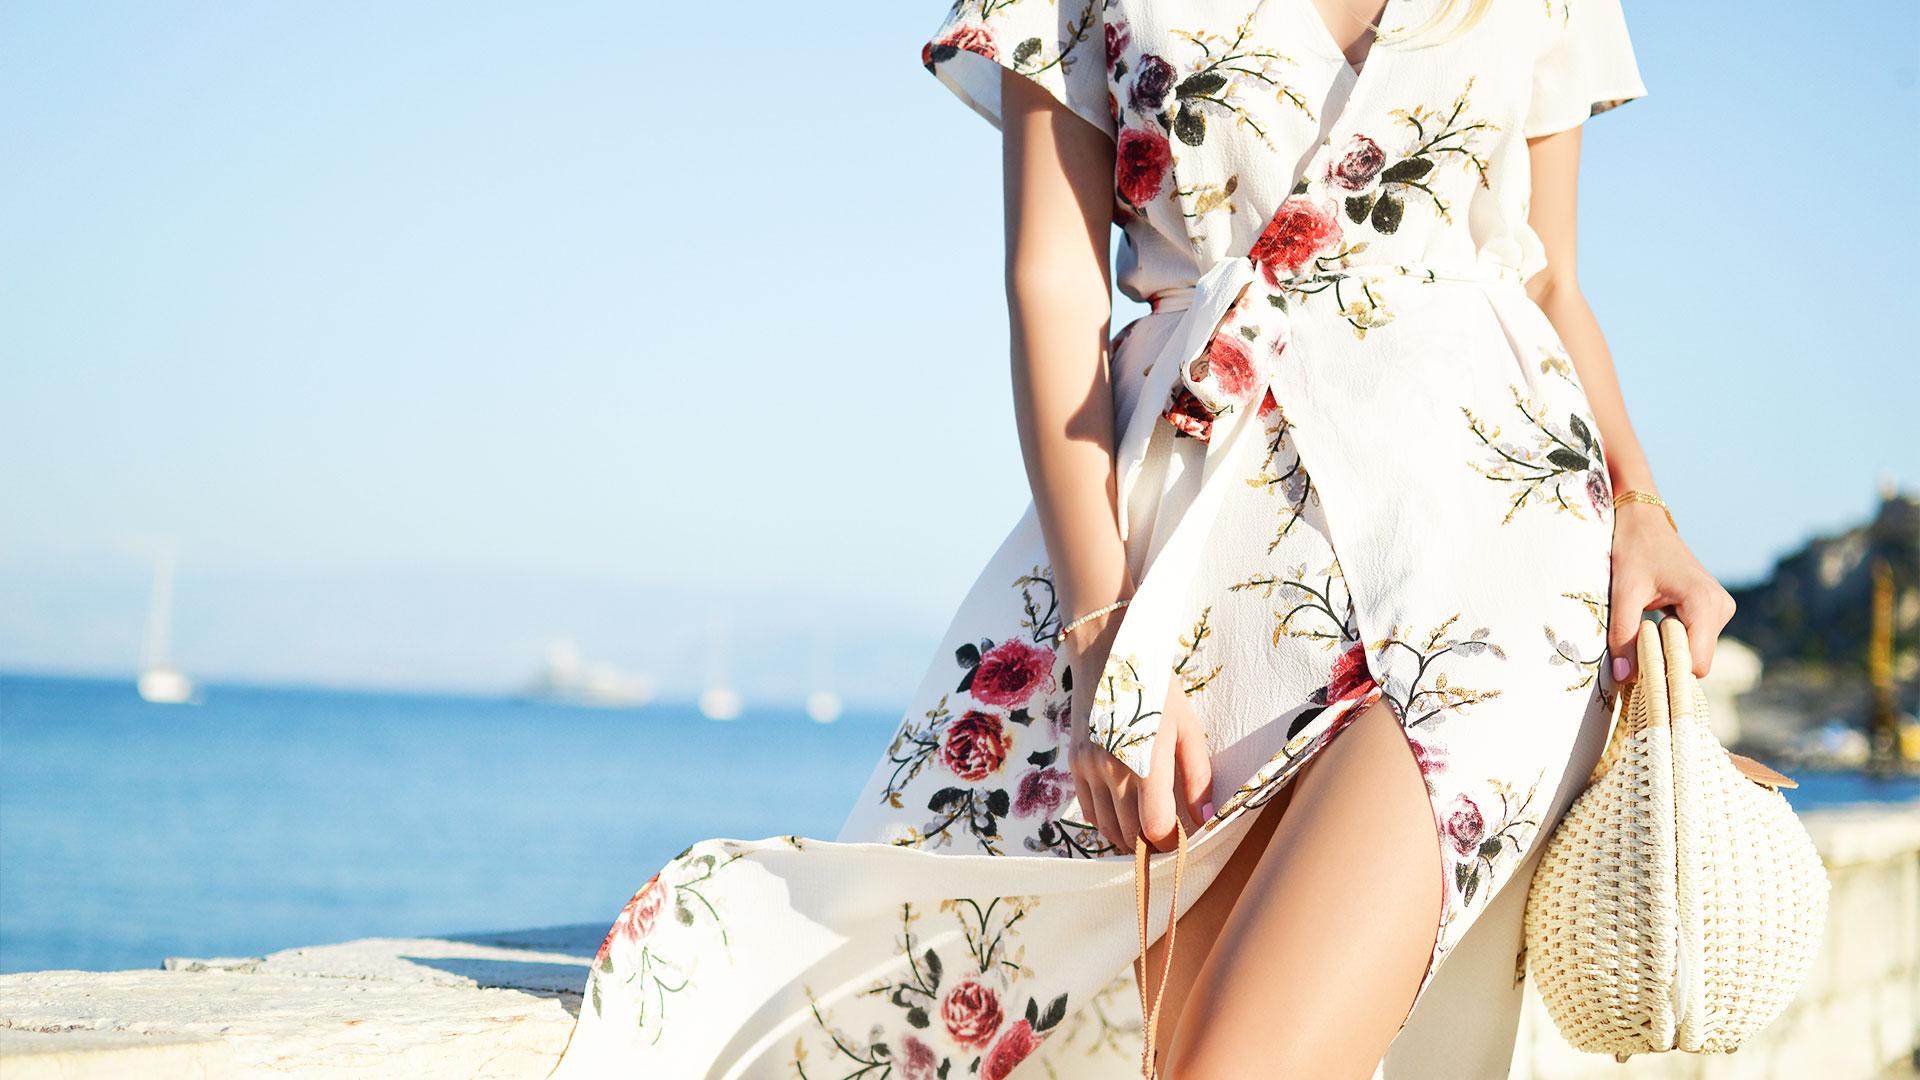 Как правильно выбрать платье под свою фигуру. Советы и рекомендации